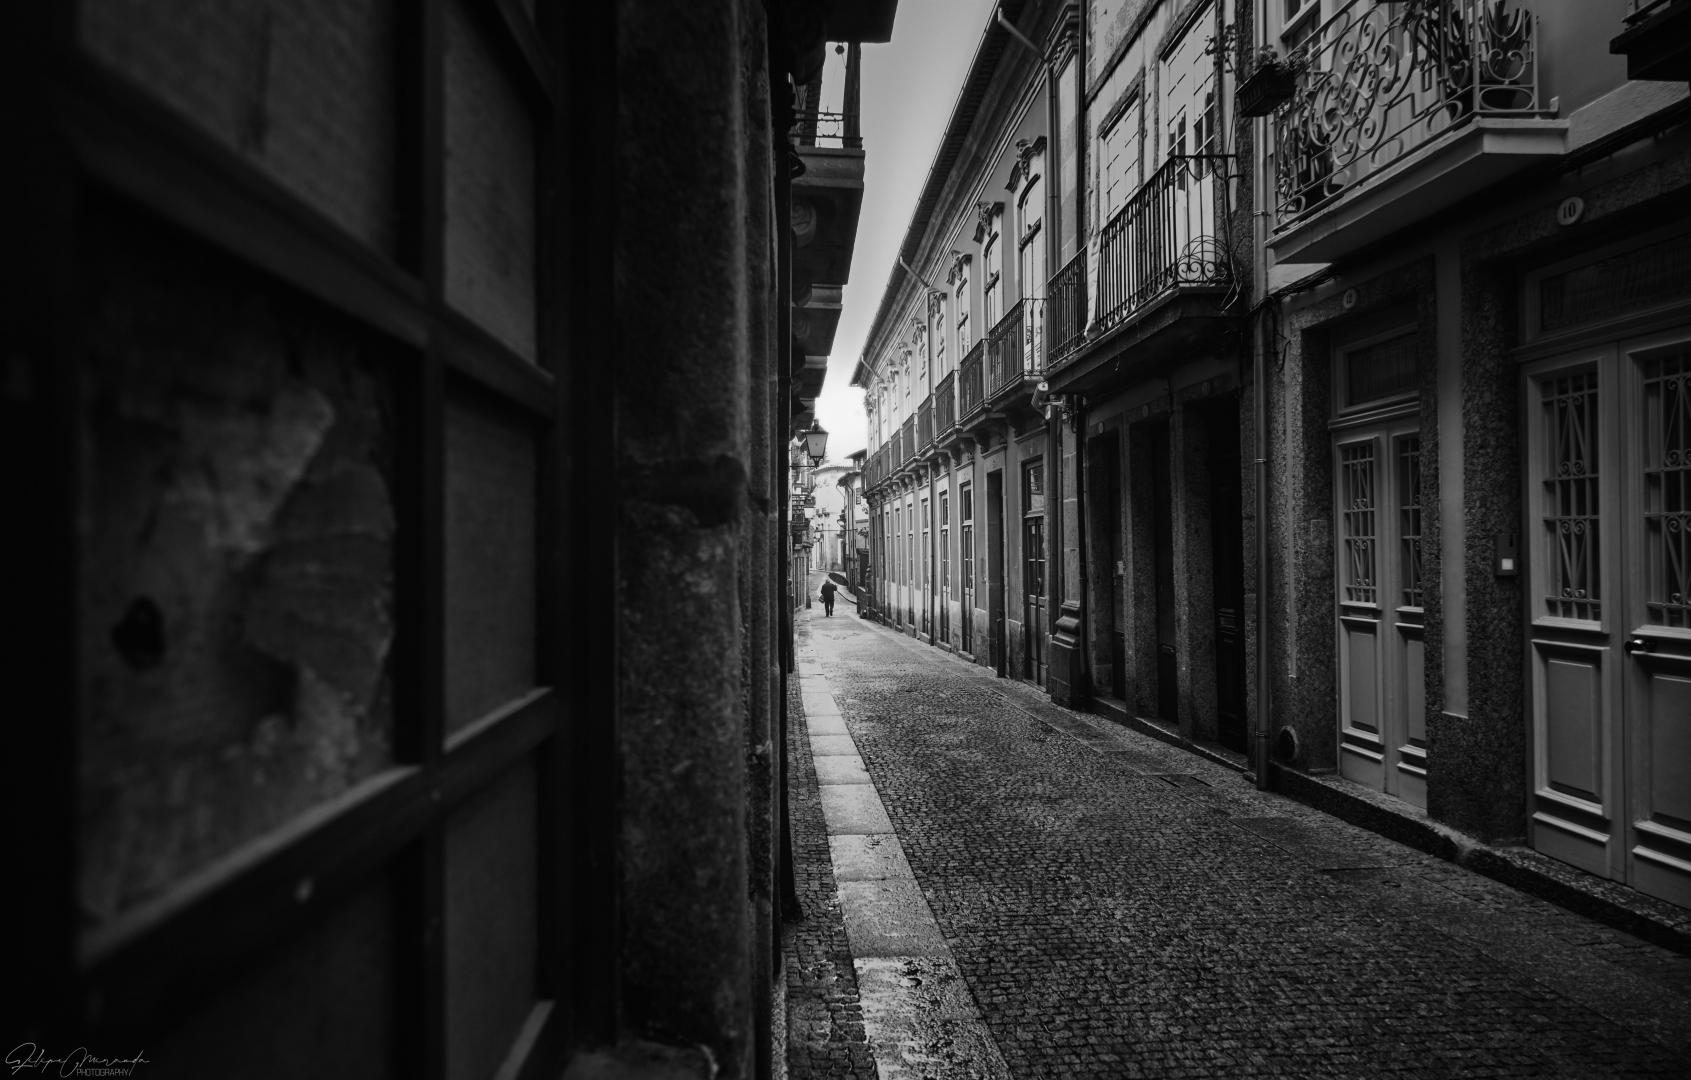 Fotografia de Rua/Streets of Guimarães!